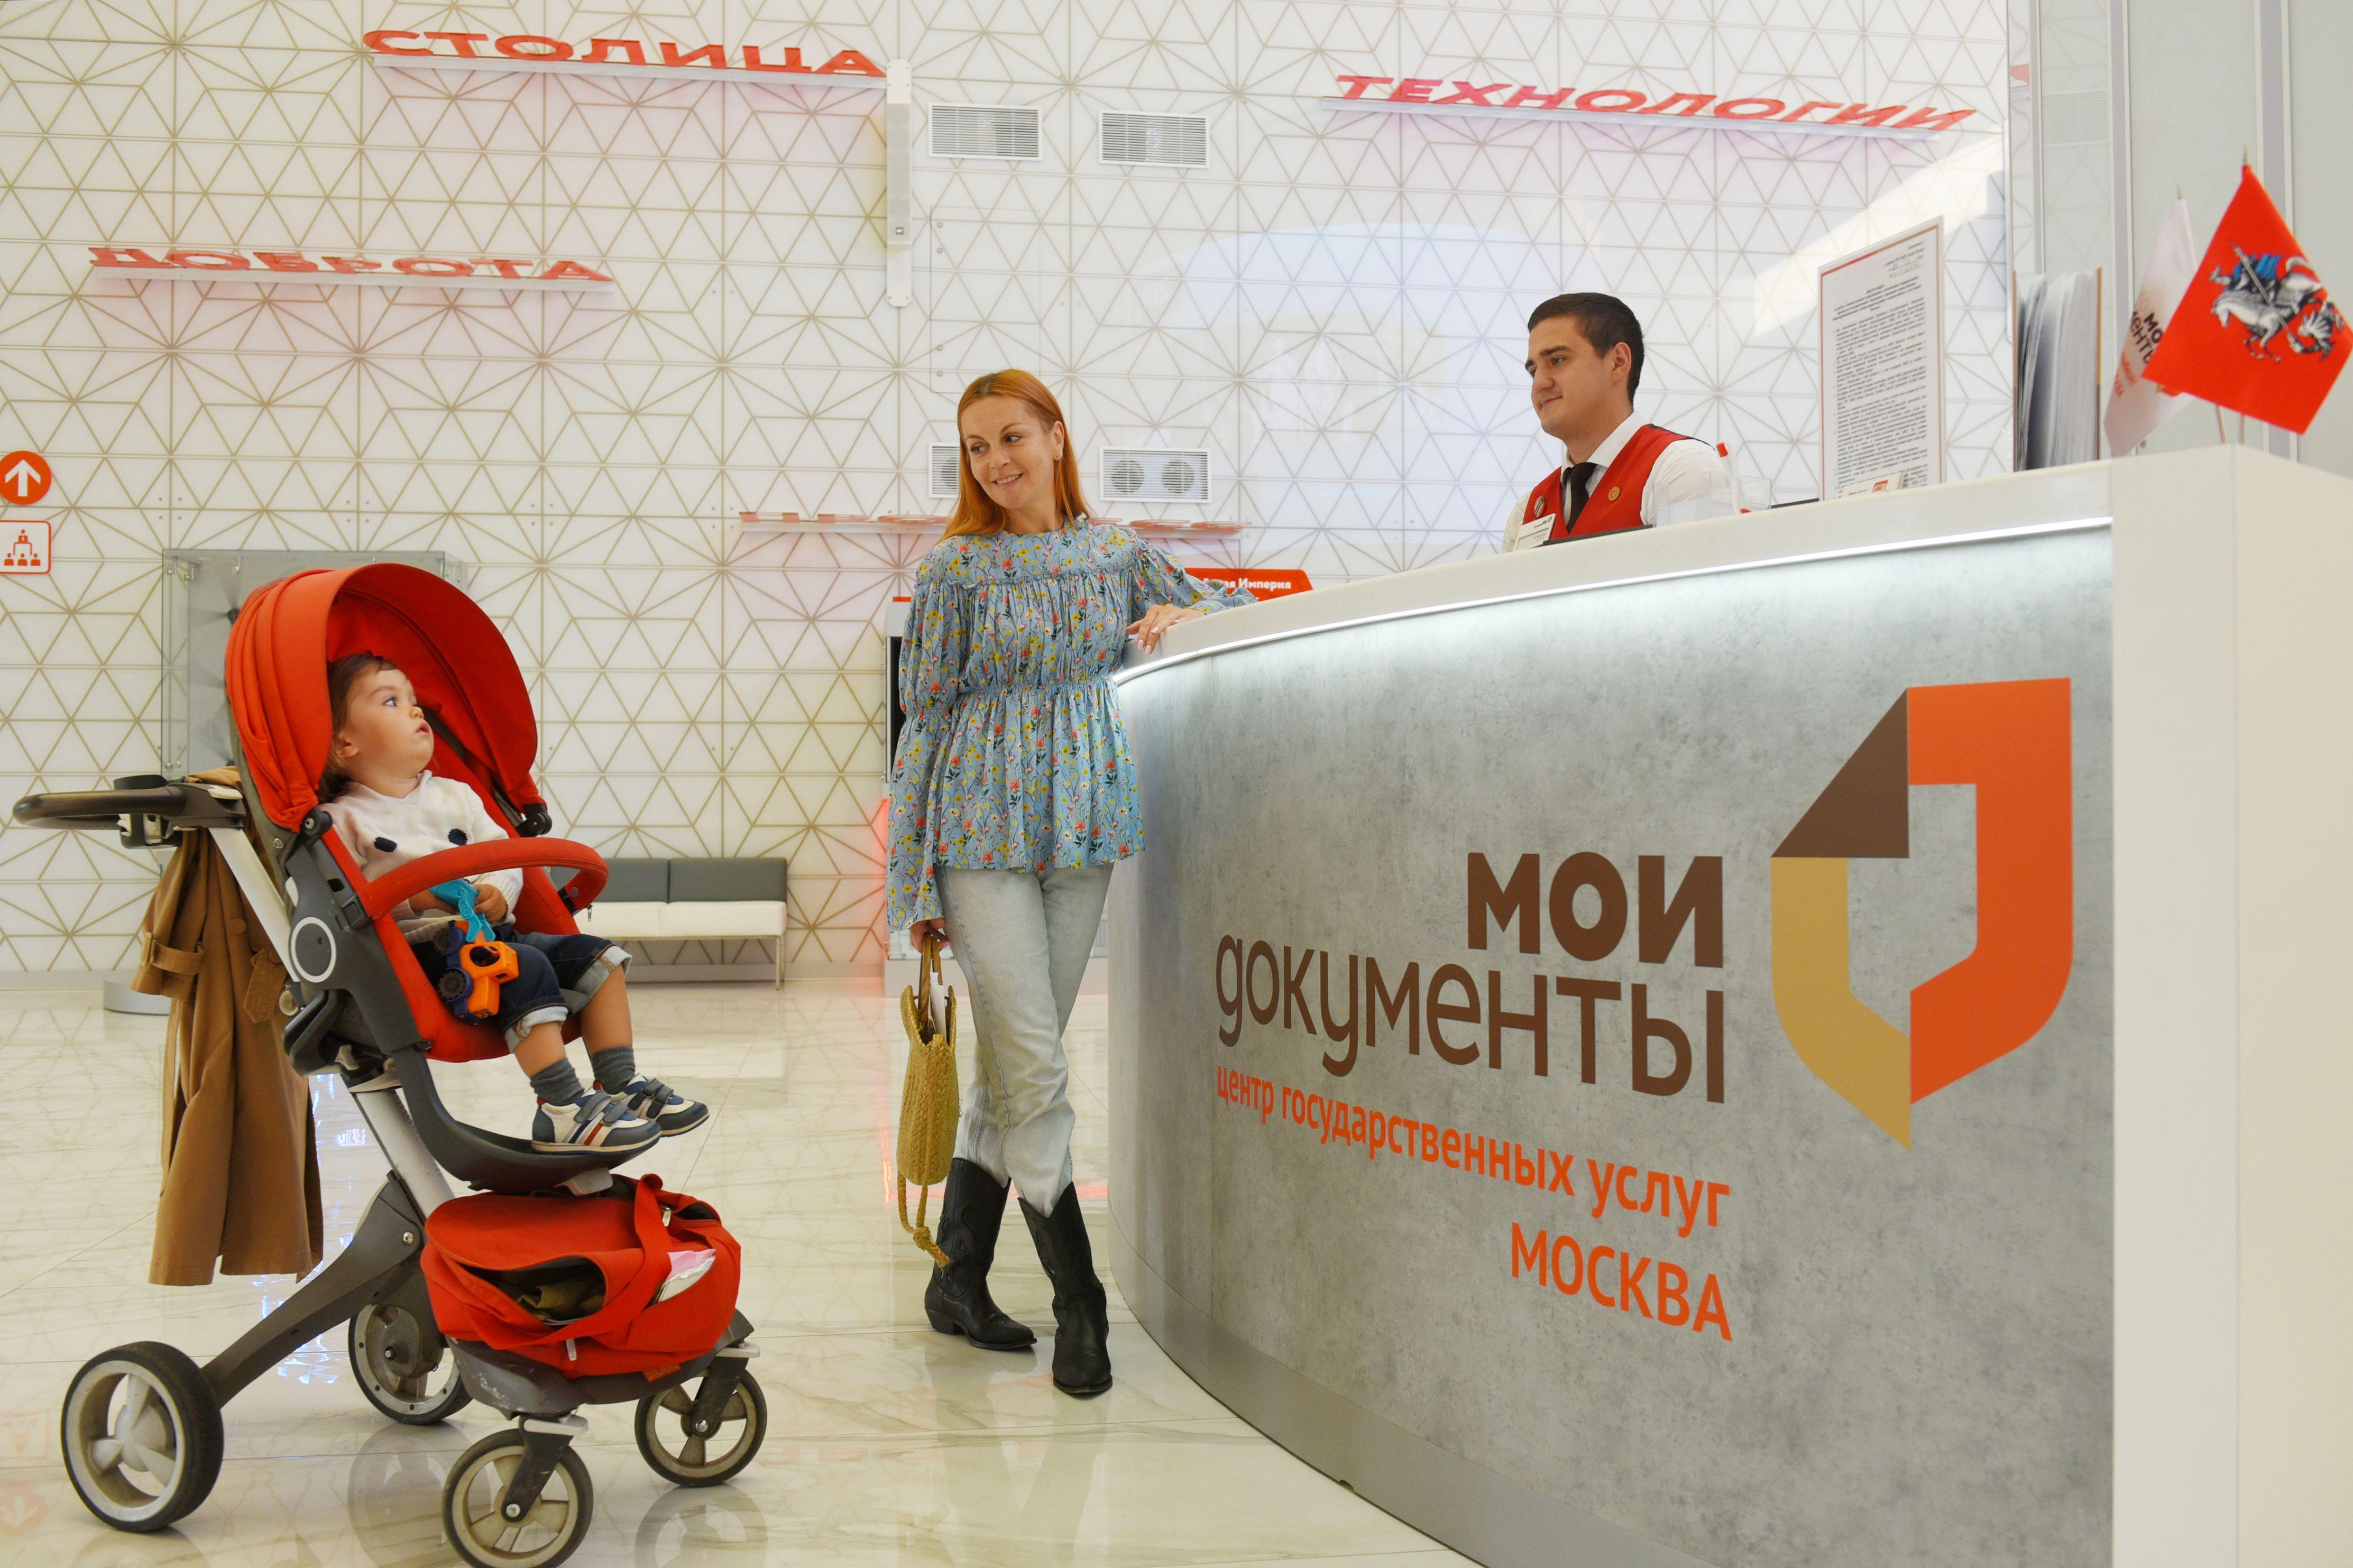 Более 20 услуг действует в московских центрах «Мои документы» для мам